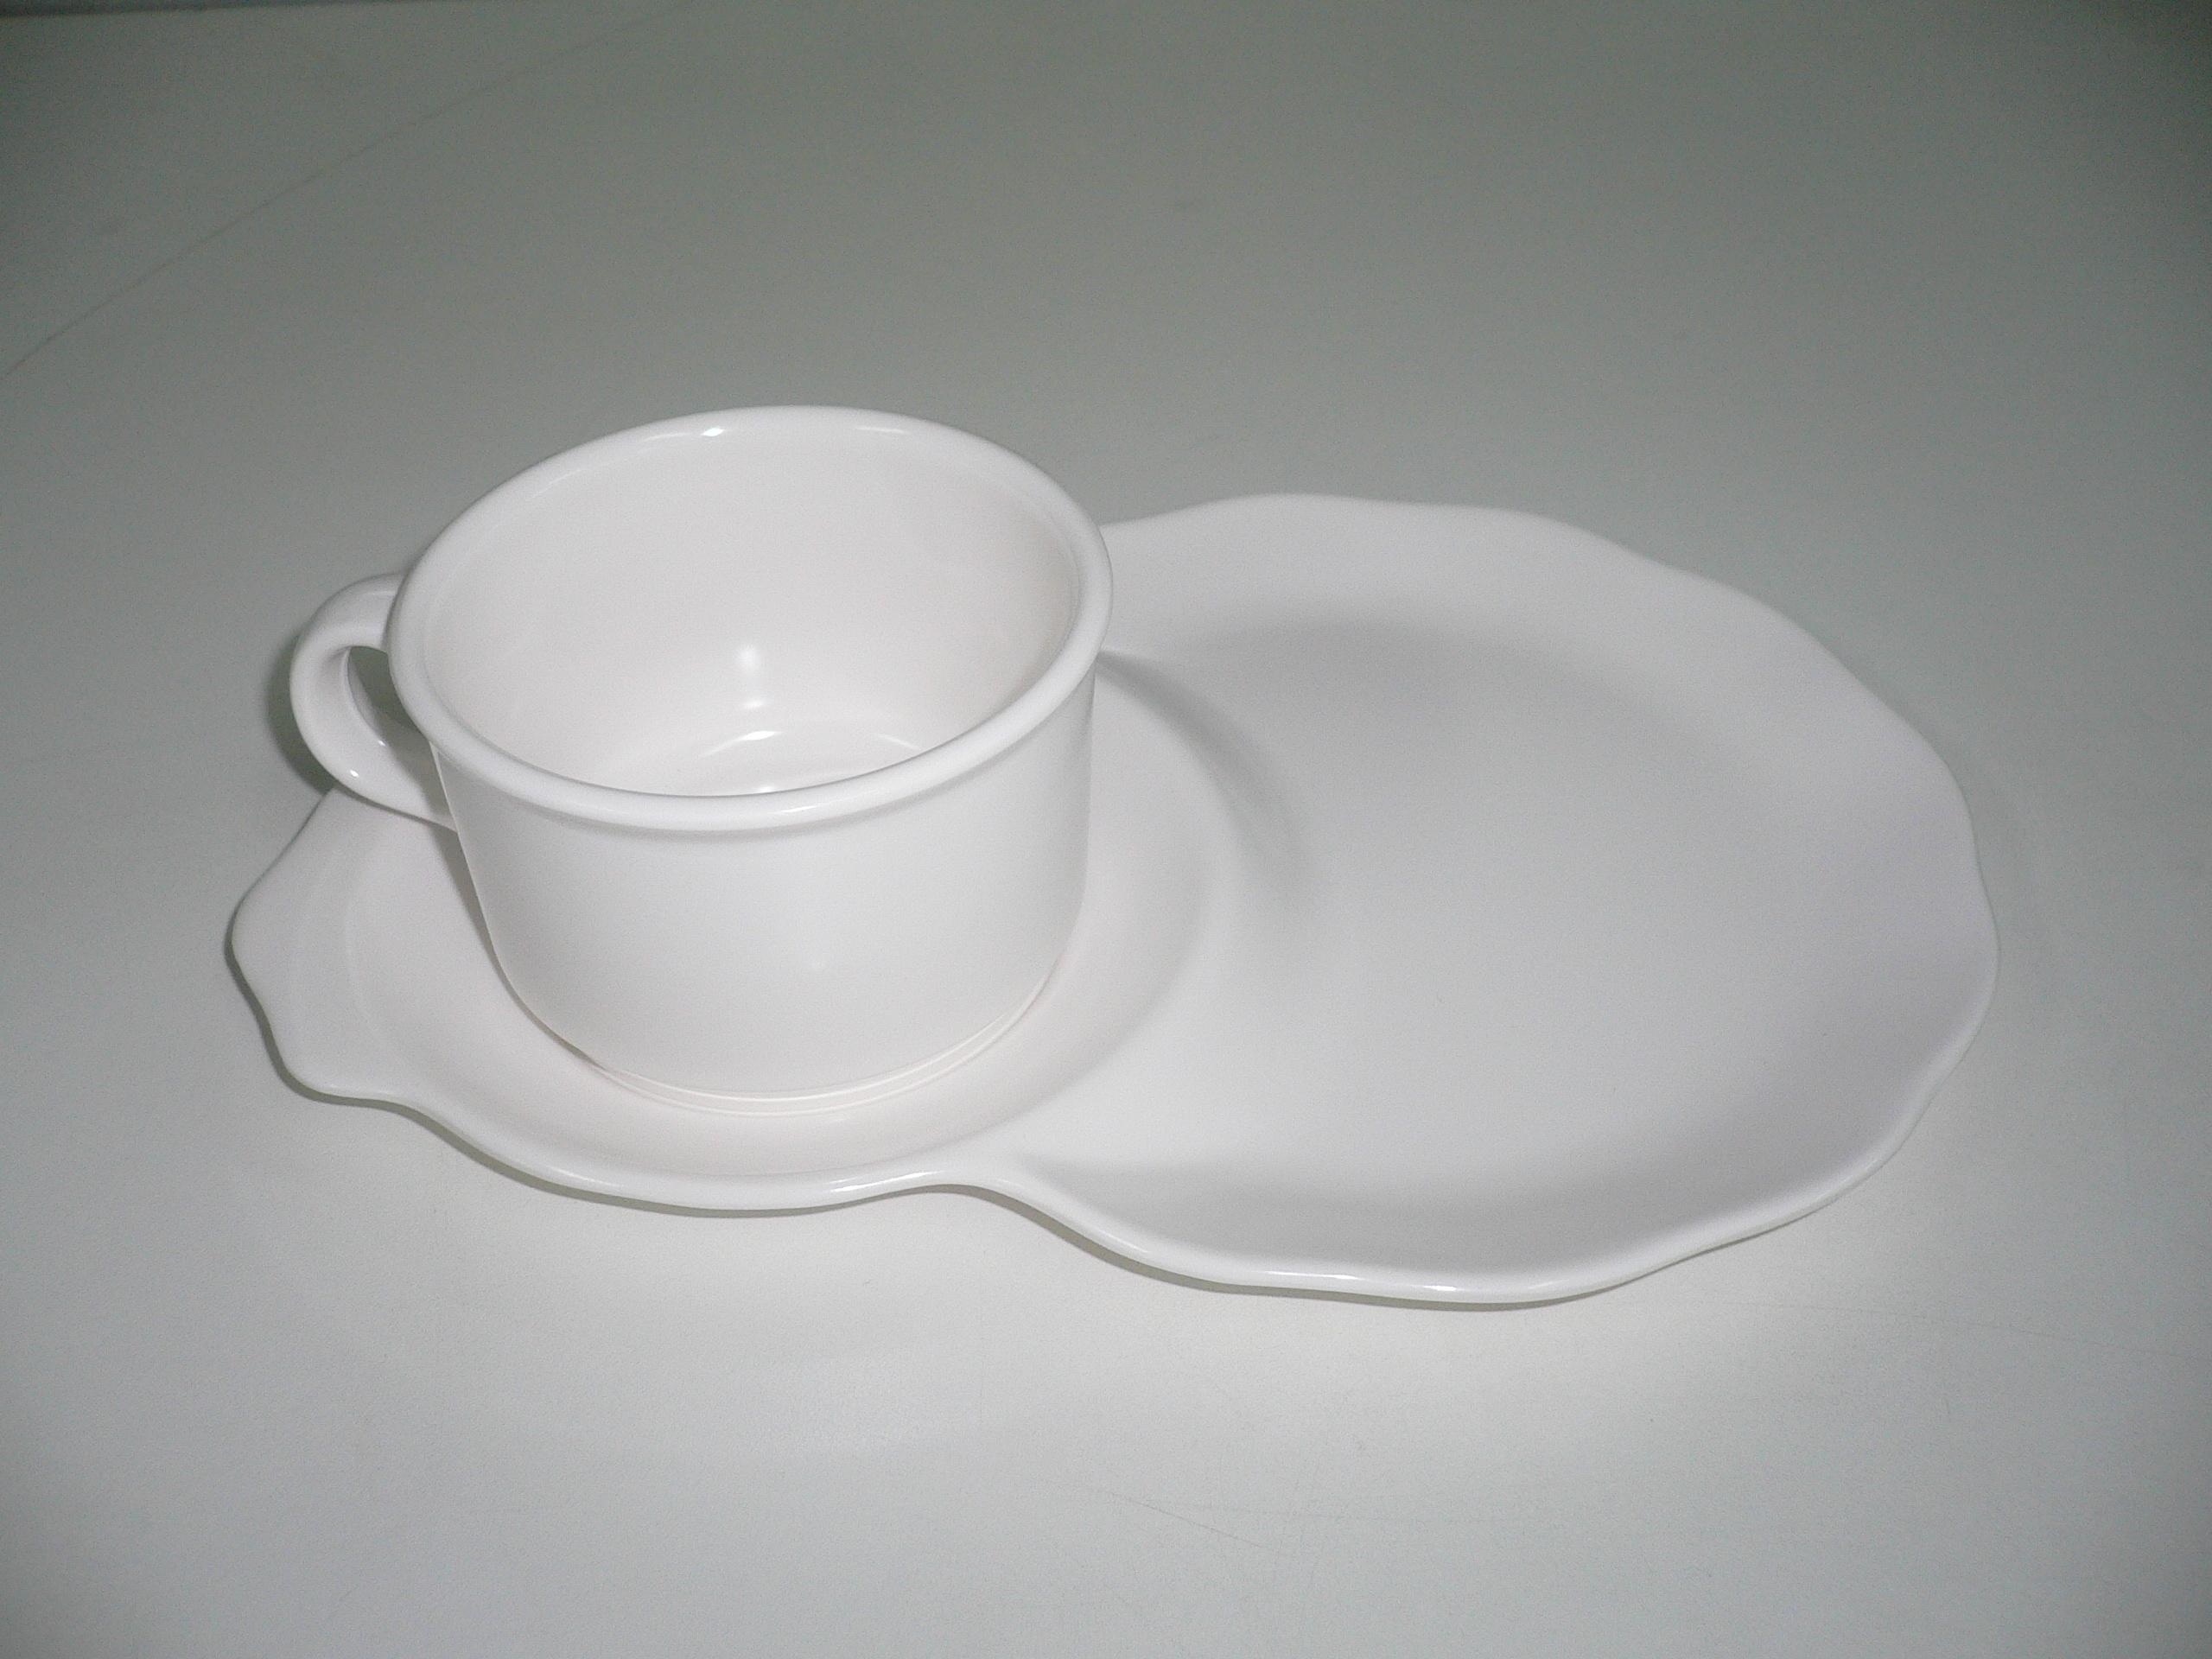 """ชุดอาหารว่างพร้อมถ้วยกาแฟ 9"""" (สีครีมขาว)"""